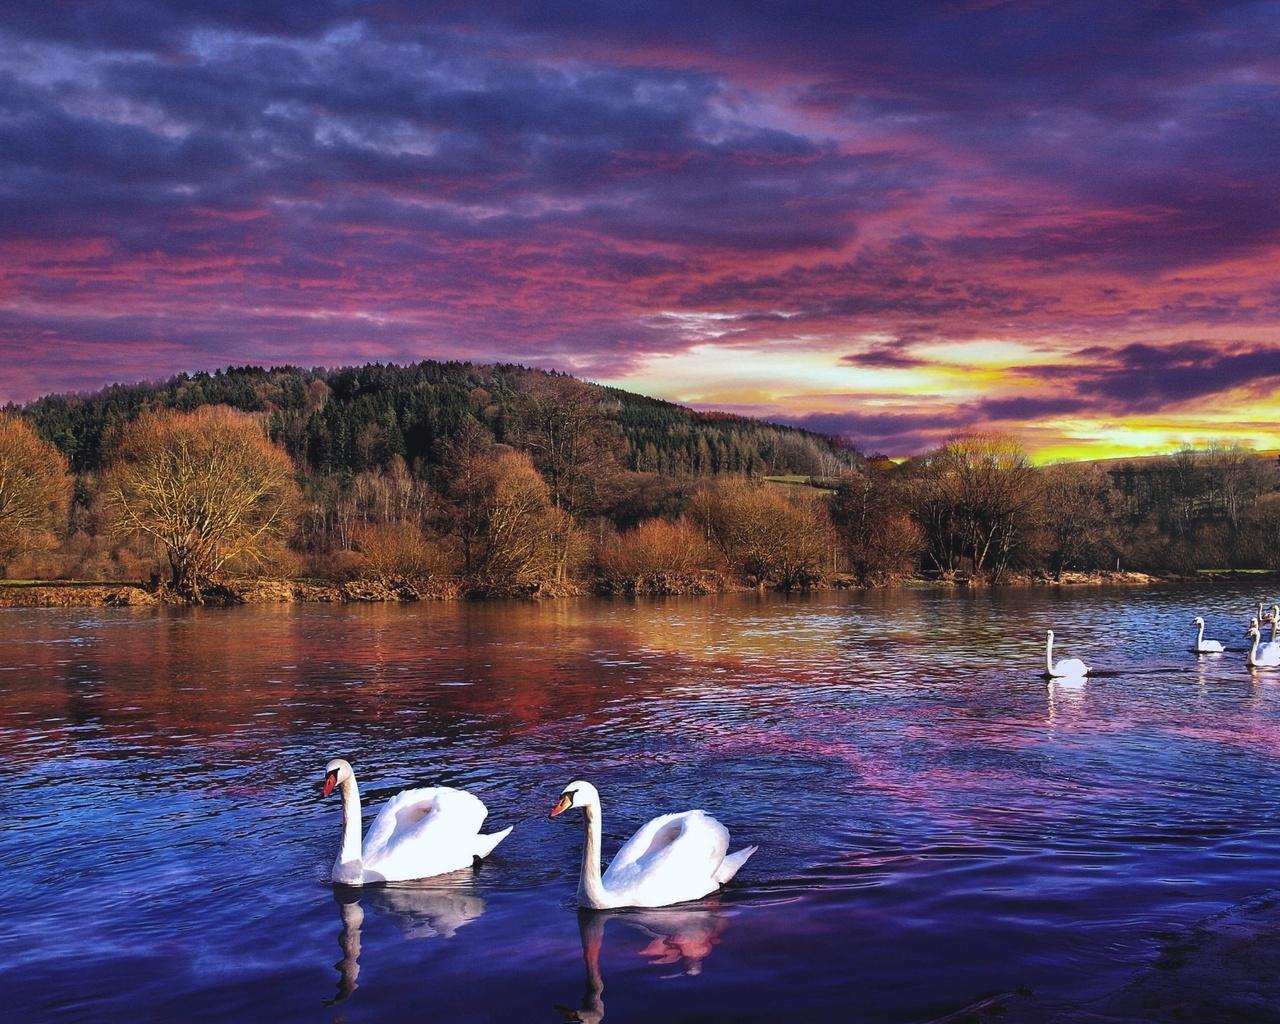 картинки лебединое озеро природа пилинг способен